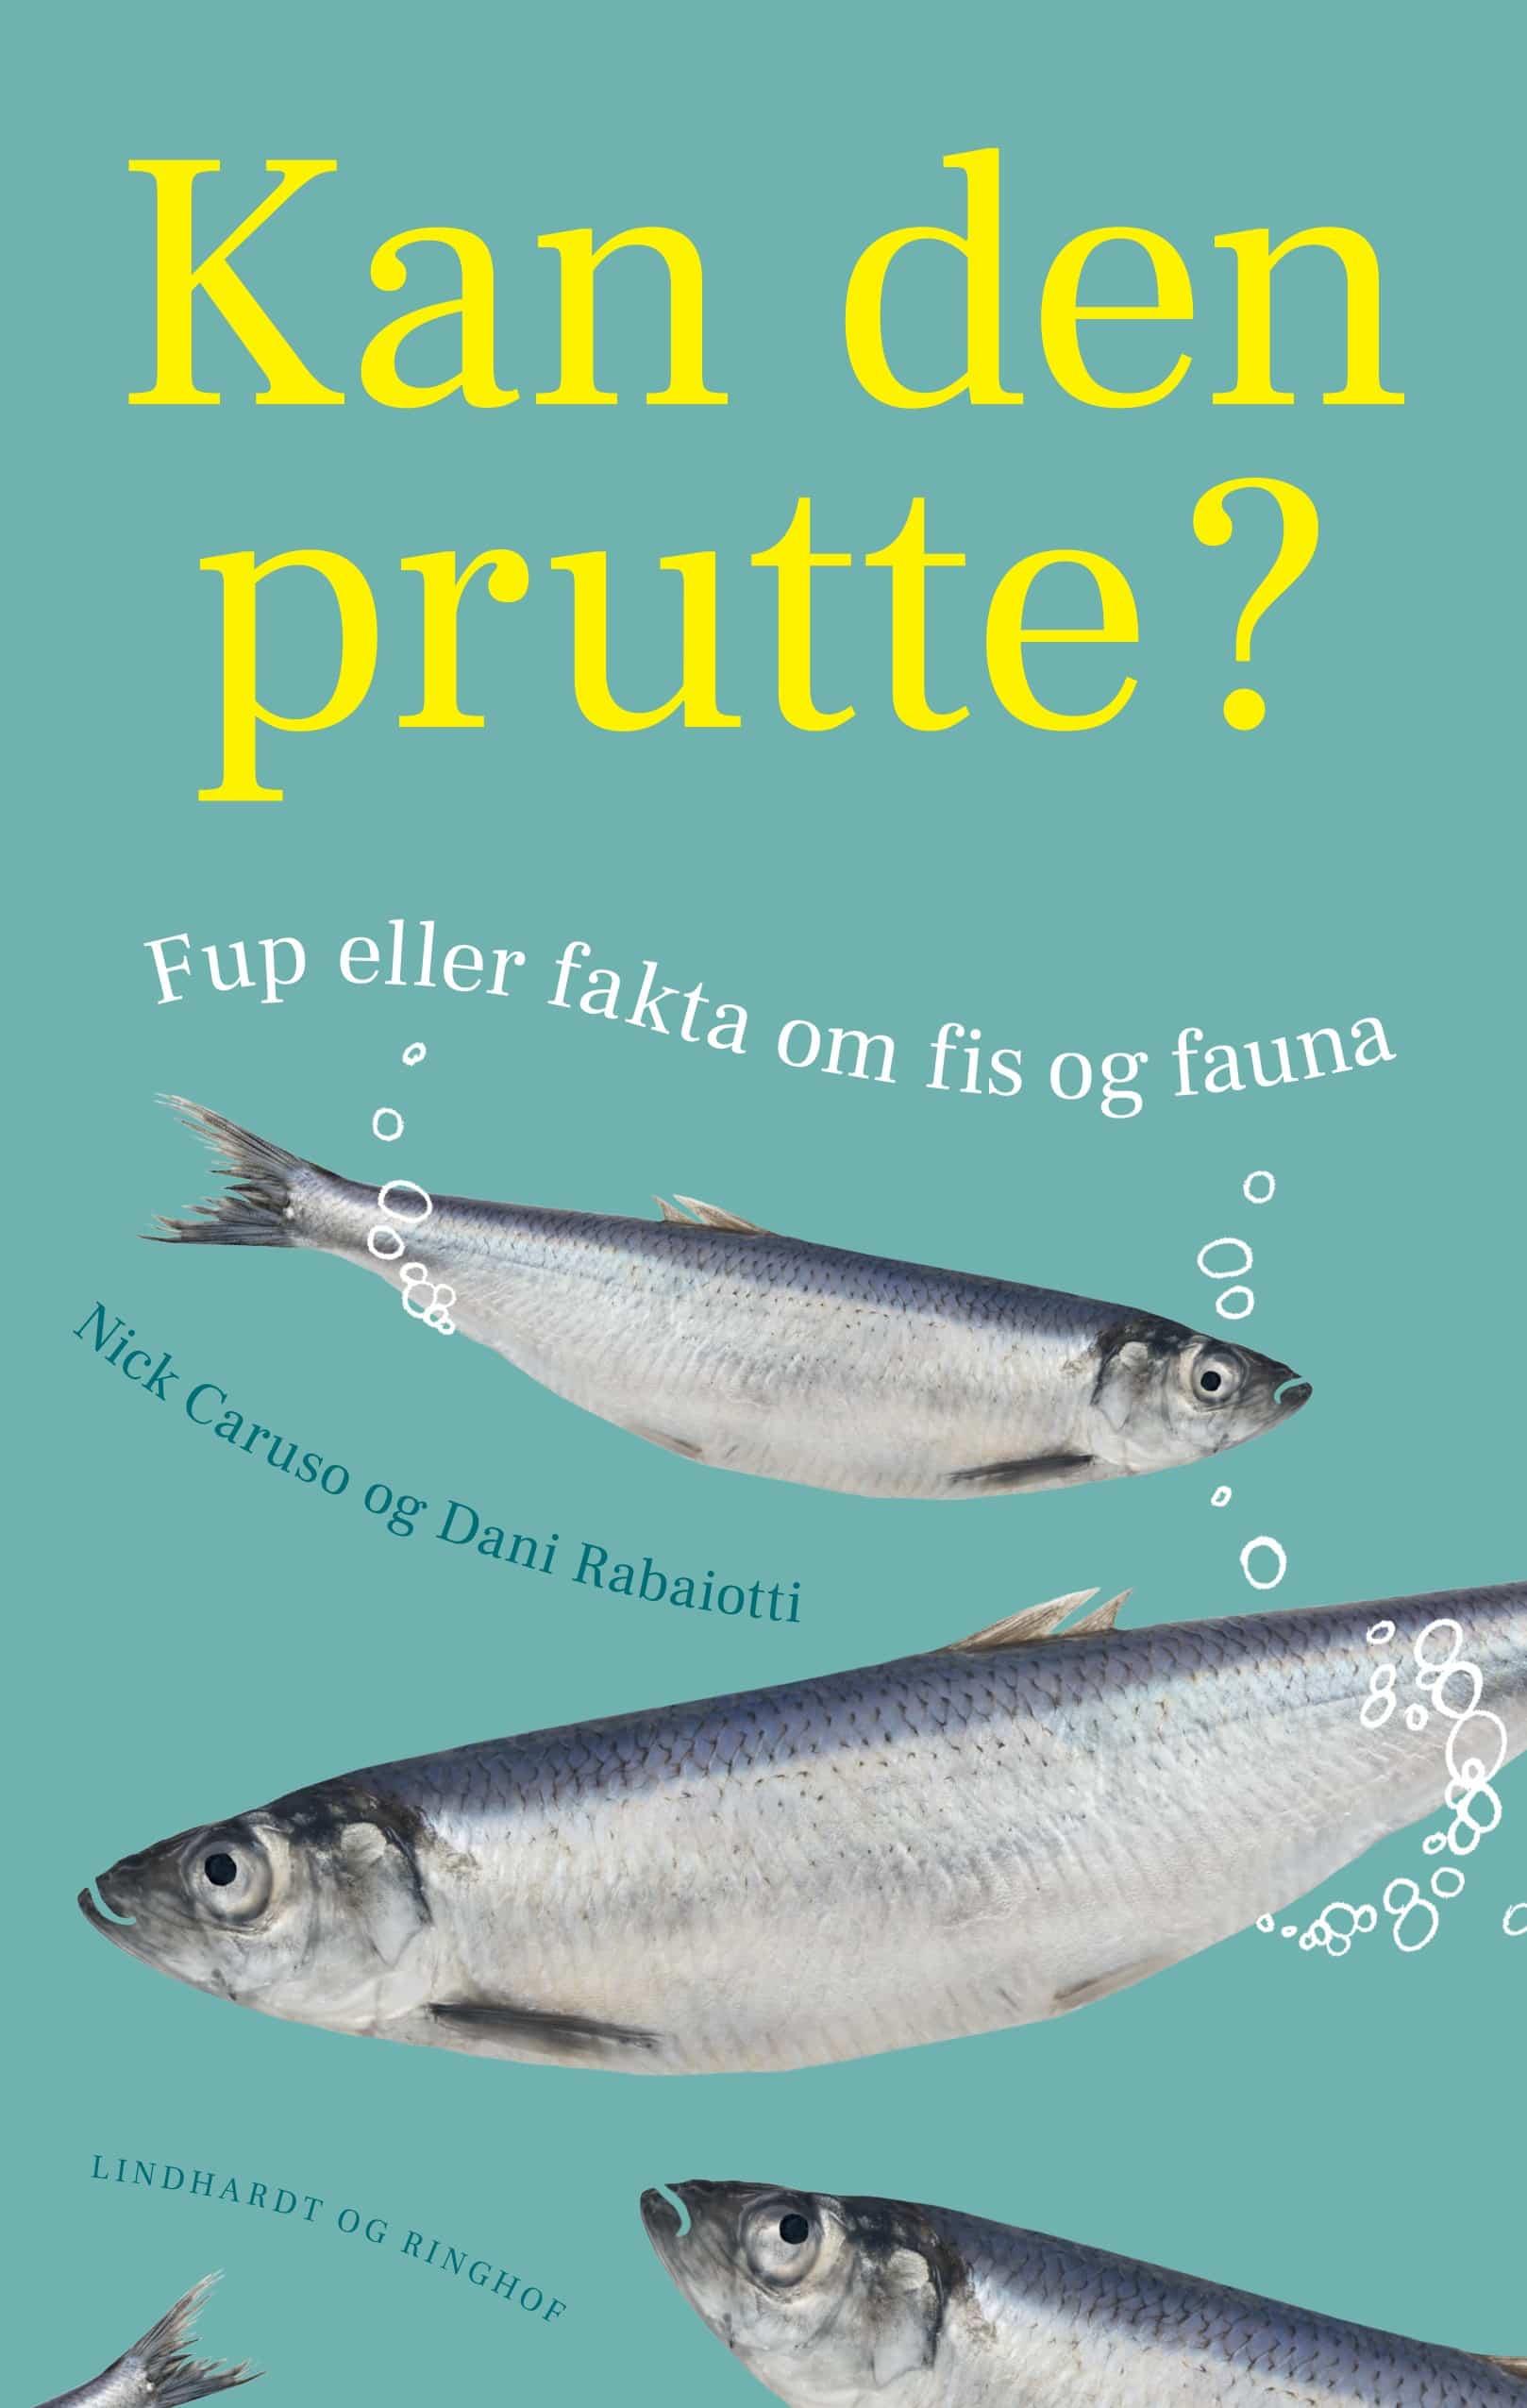 Bøger 2019, Kan den prutte?, Nick Caruso, Dani Rabaiotti, fup eller fakta om fis og fauna, Lindhardt og Ringhof, dyreprutter, bog om dyr, videnskab, kan et dyr prutte, prutter, bog om prutter